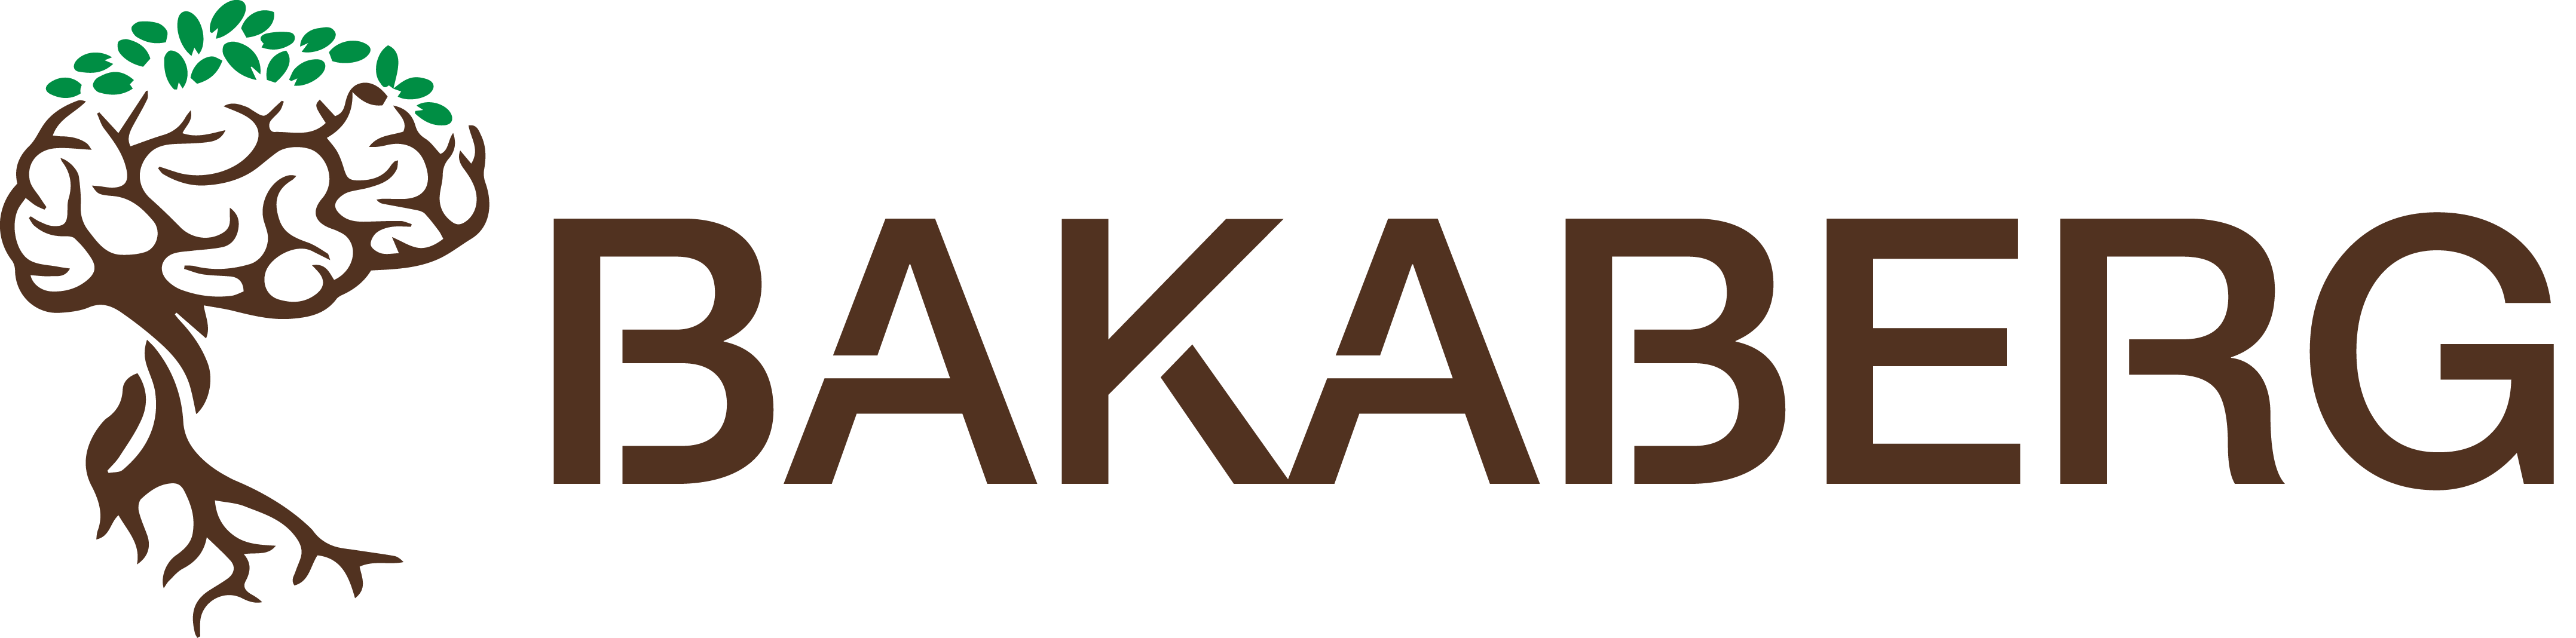 Bakaberg